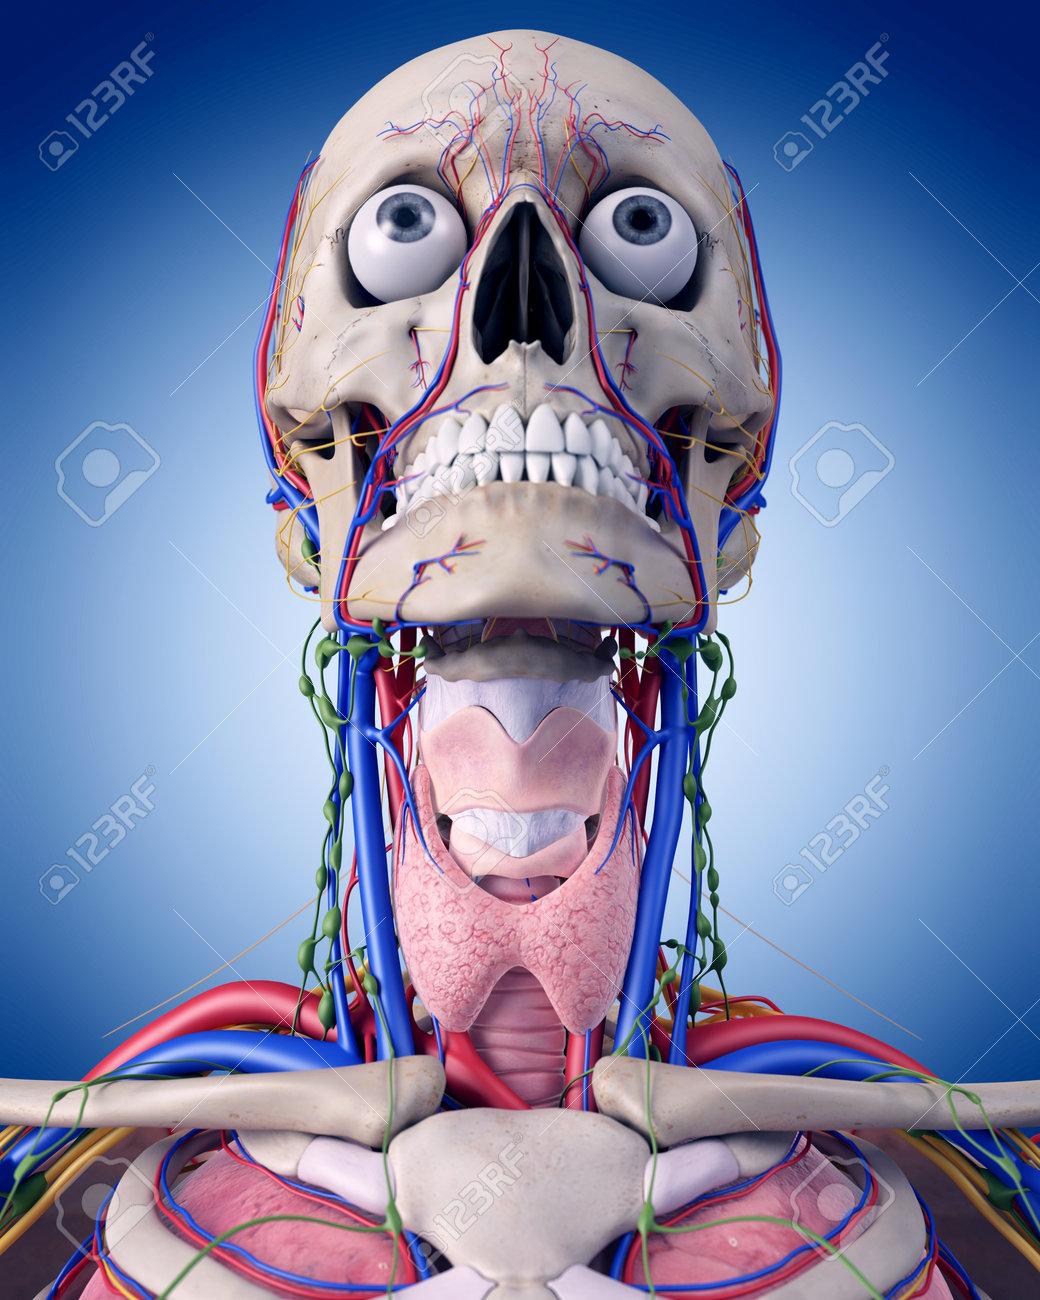 Ilustración Médica Precisa De La Anatomía De Garganta Fotos ...